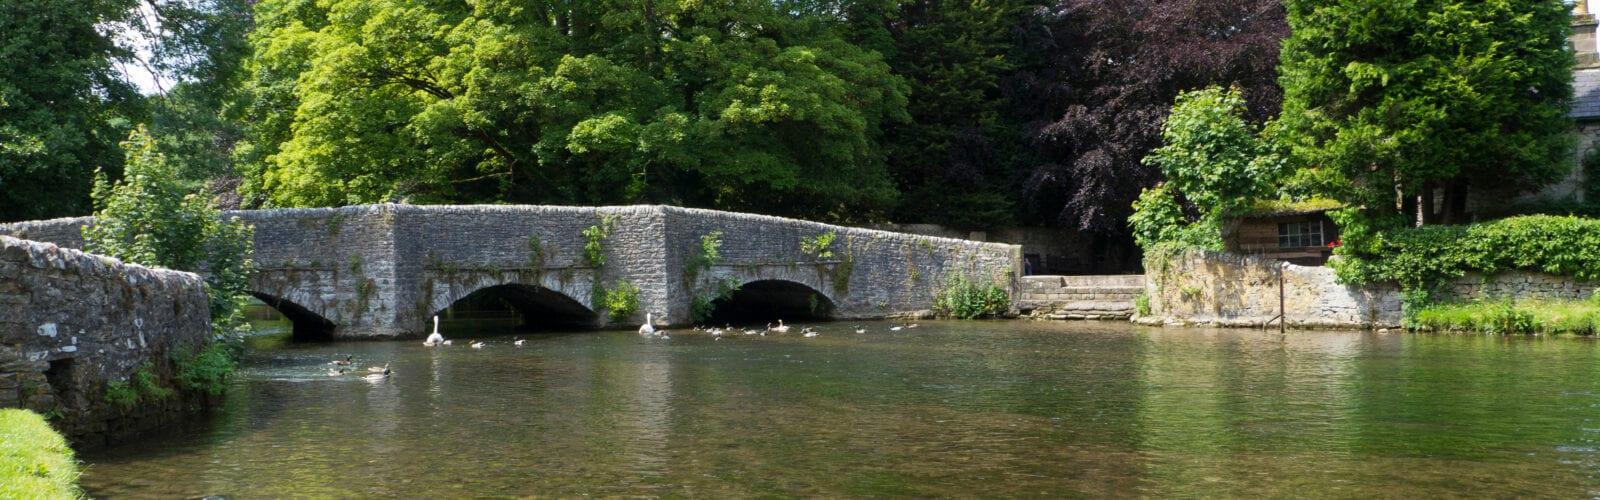 river wye in ashford derbyshire